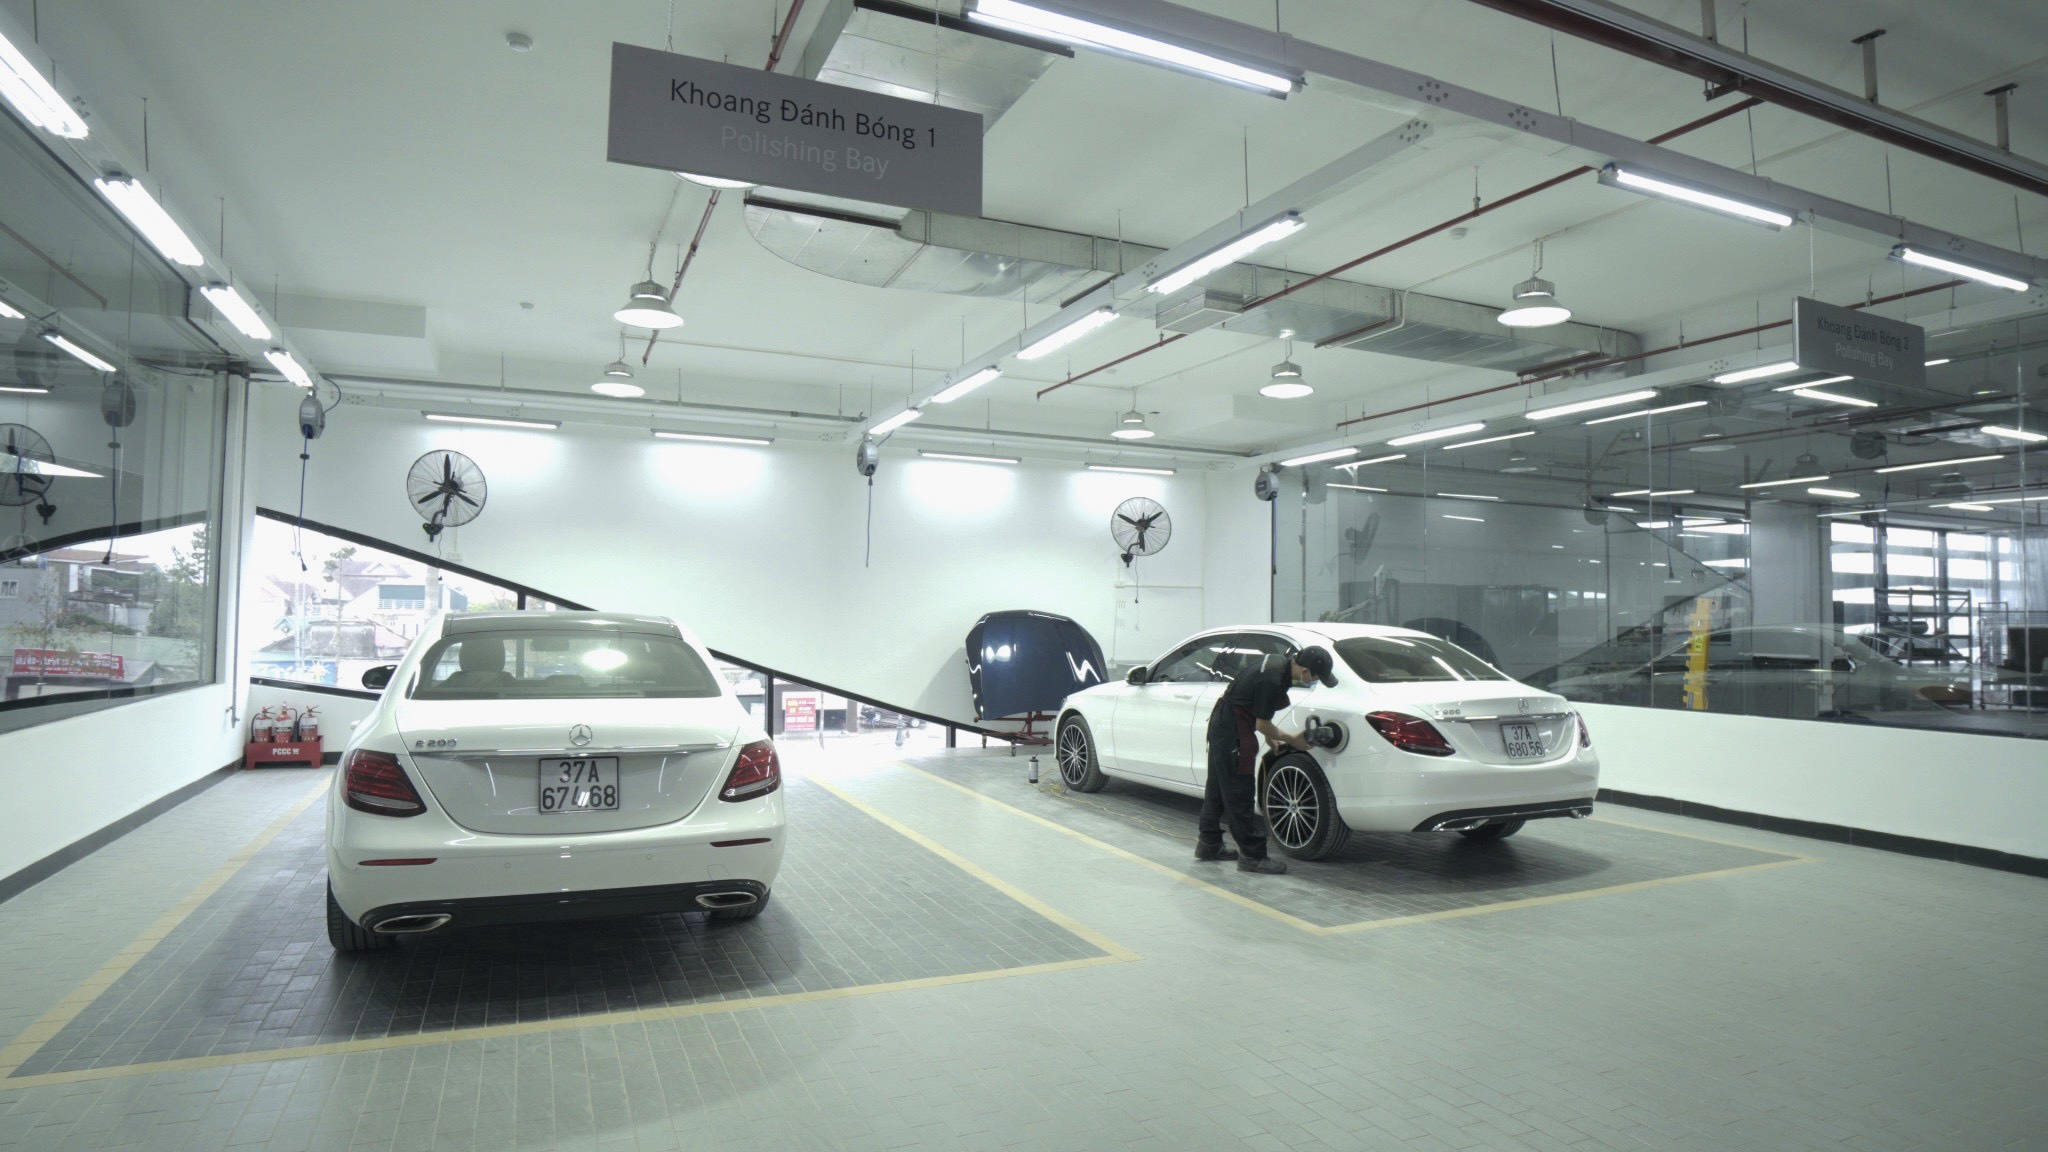 Mercedes-Benz mở rộng thị trường tại khu vực Bắc Trung Bộ mercedes-nghe-an-03.jpeg